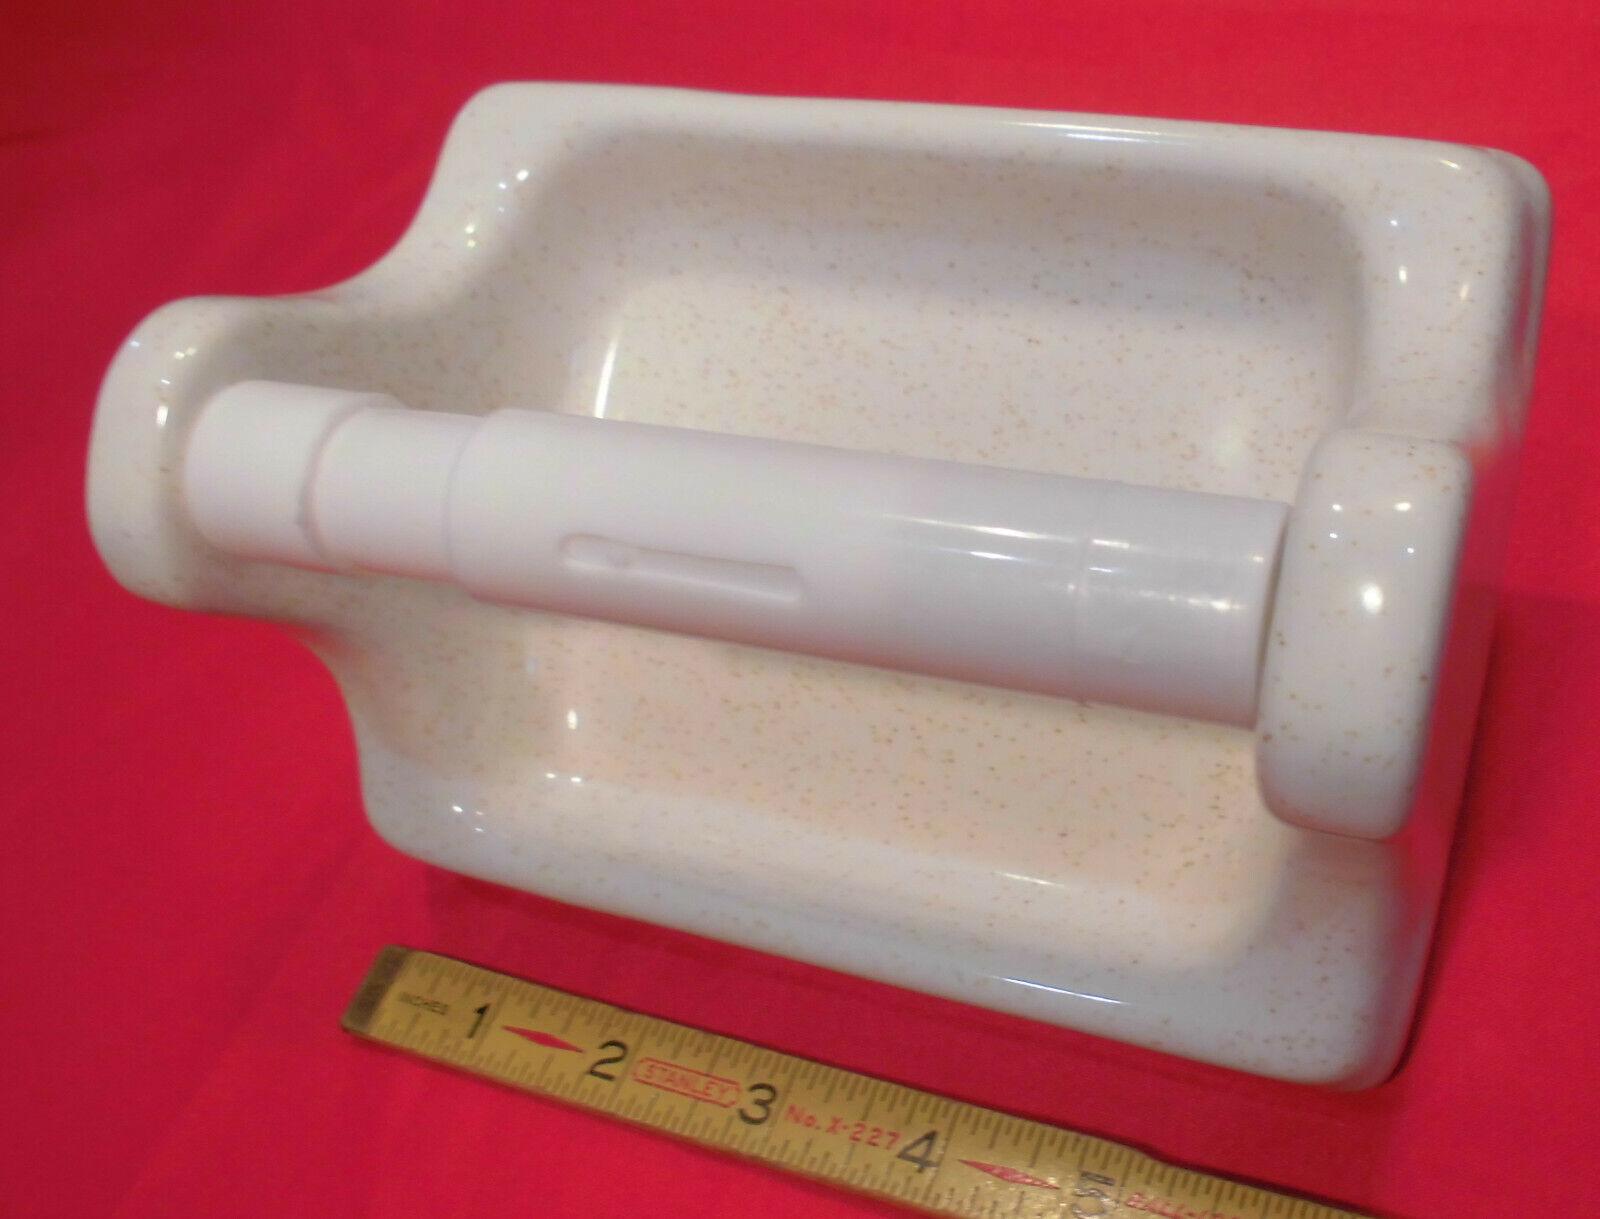 Gloss White + Gold Specks; Quality Ceramic Toilet Paper Holder; Japan, Speckled